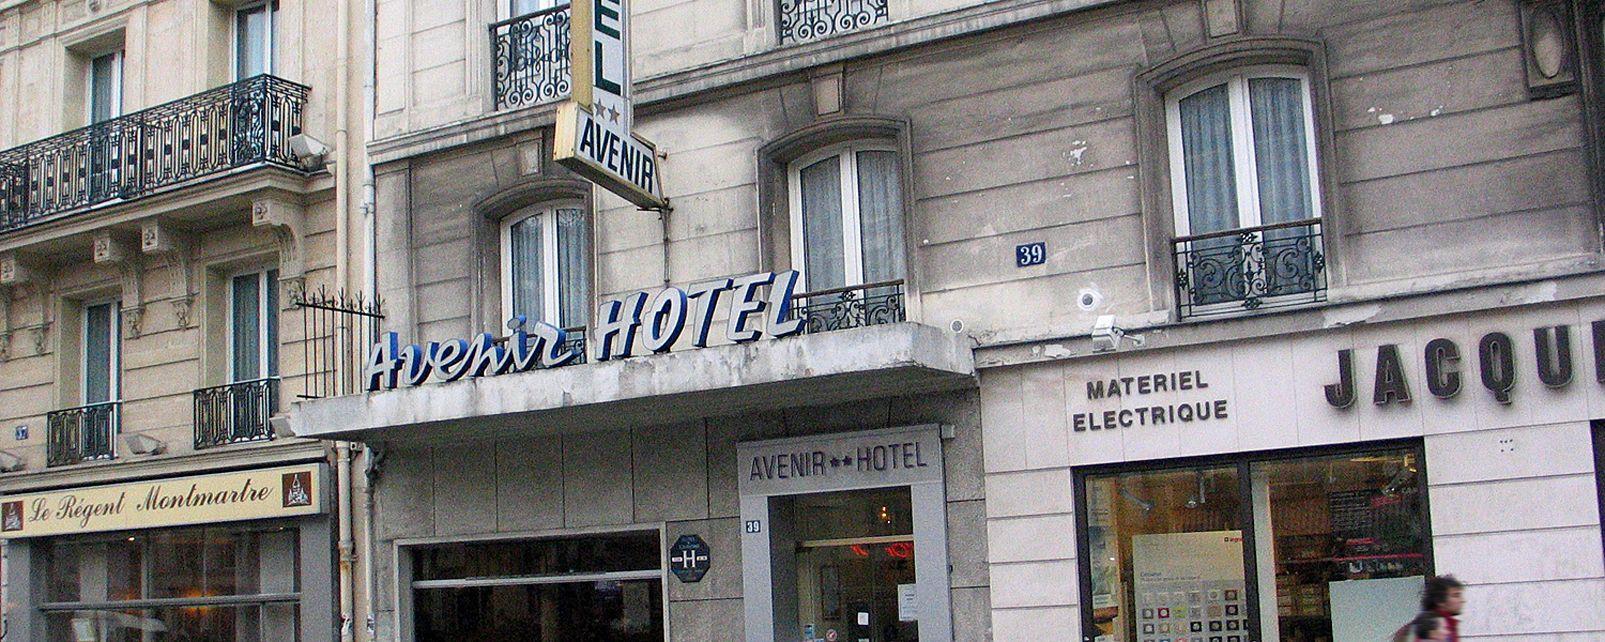 Hotel avenir montmartre paris frankreich for Frankreich hotel paris